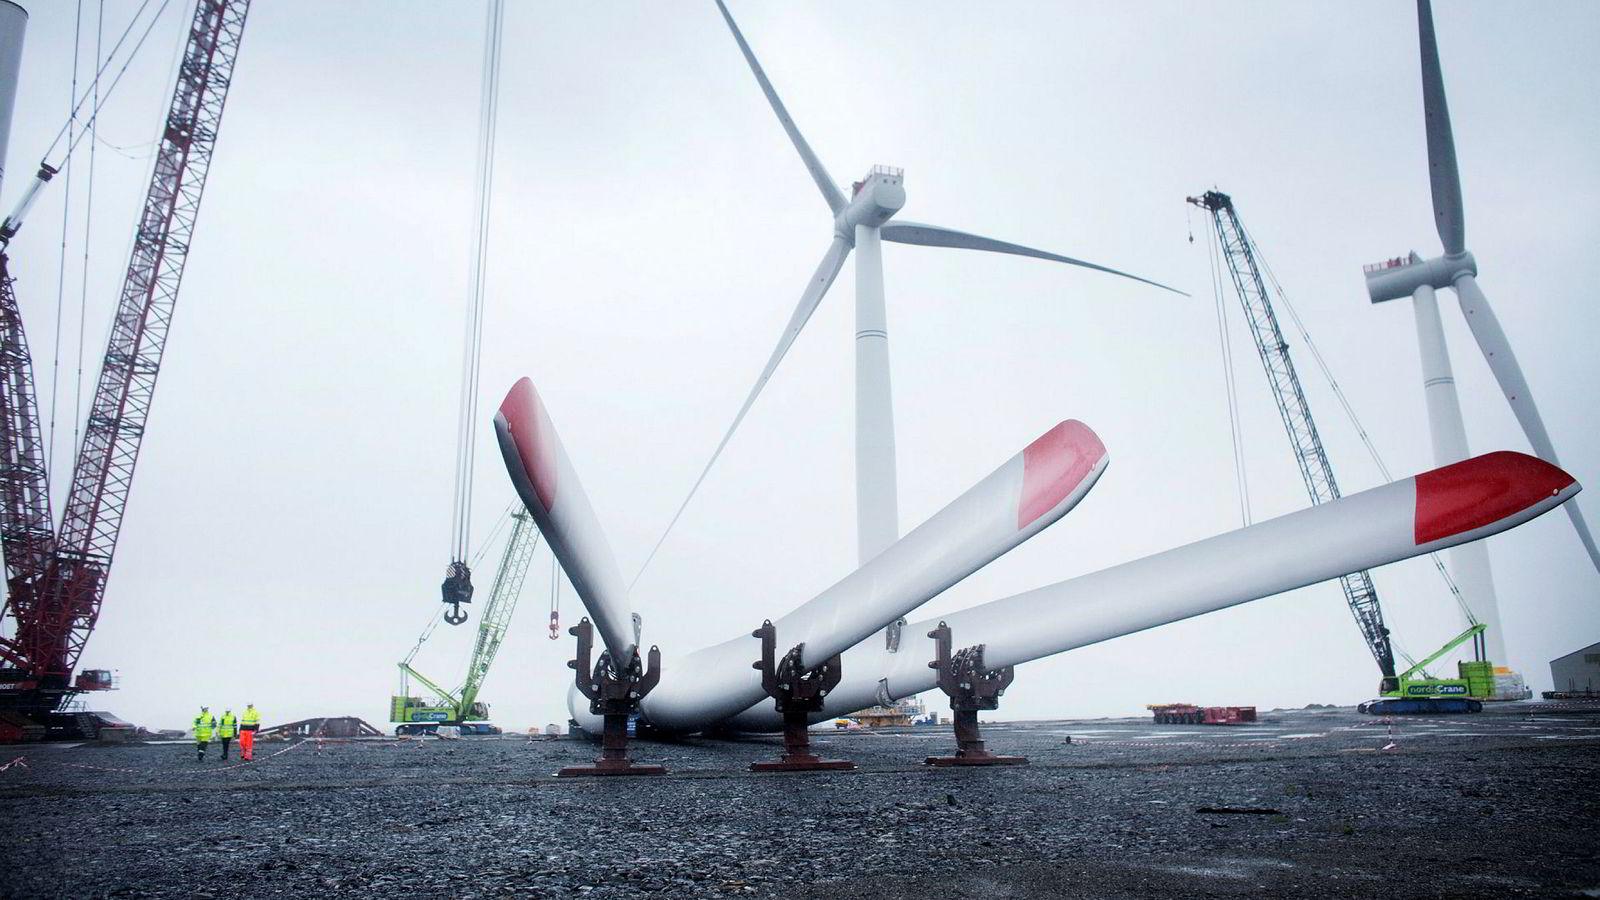 Menneskene blir små i forhold. Siemens-turbinene har 75 meter lange vinger. Hele Hywind-konstruksjonen vil måle 258 meter fra bunnen av understellet til toppen av vingespissen når de er på plass i havet.